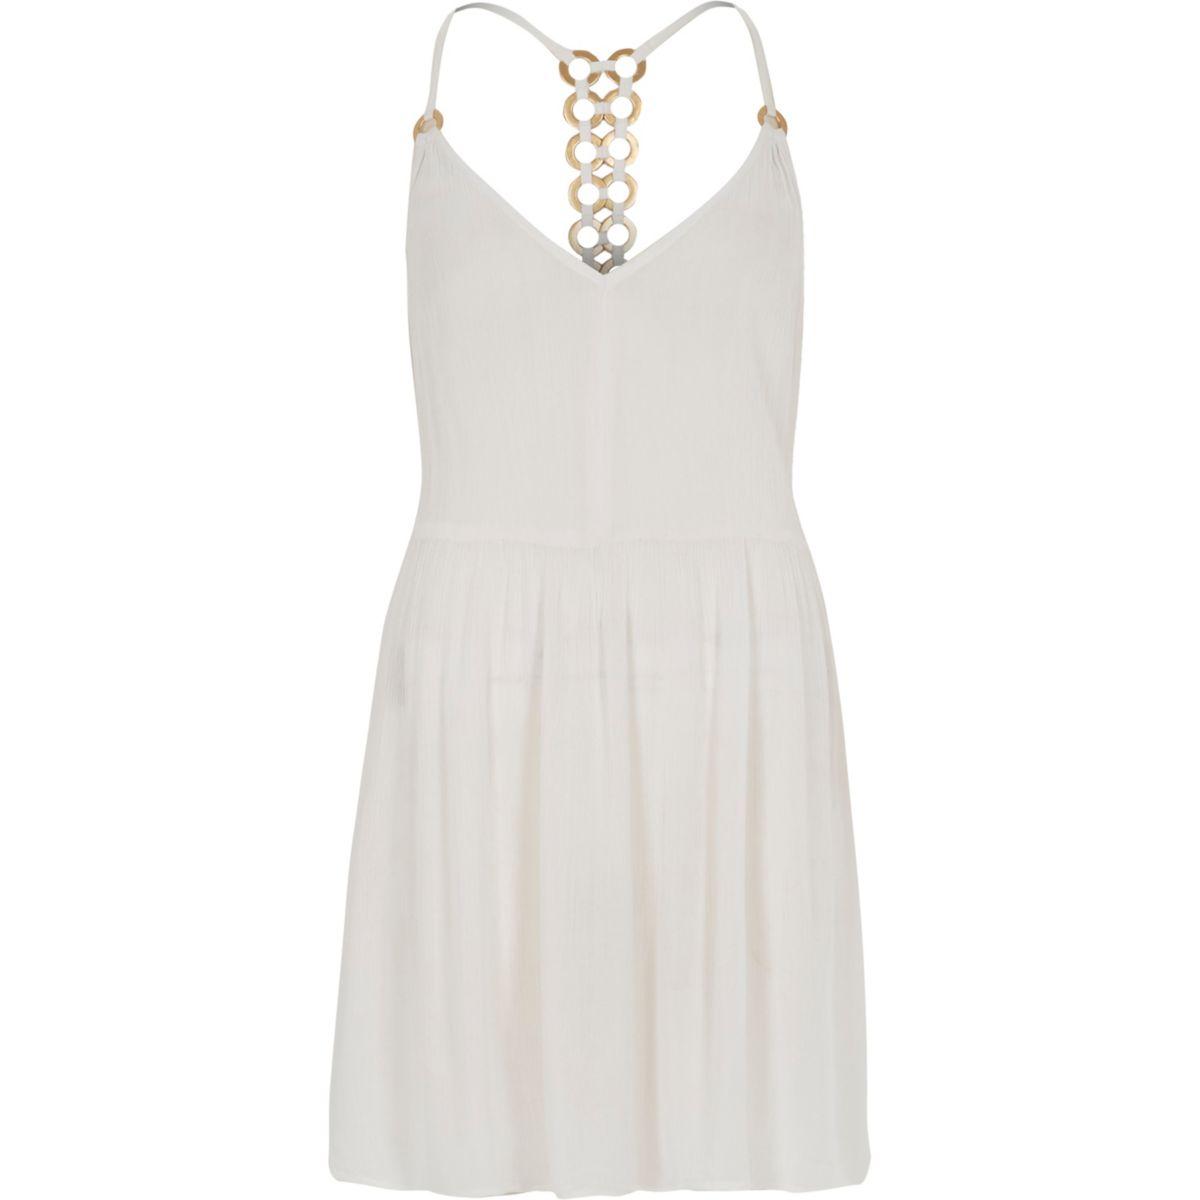 White ring back beach swing dress